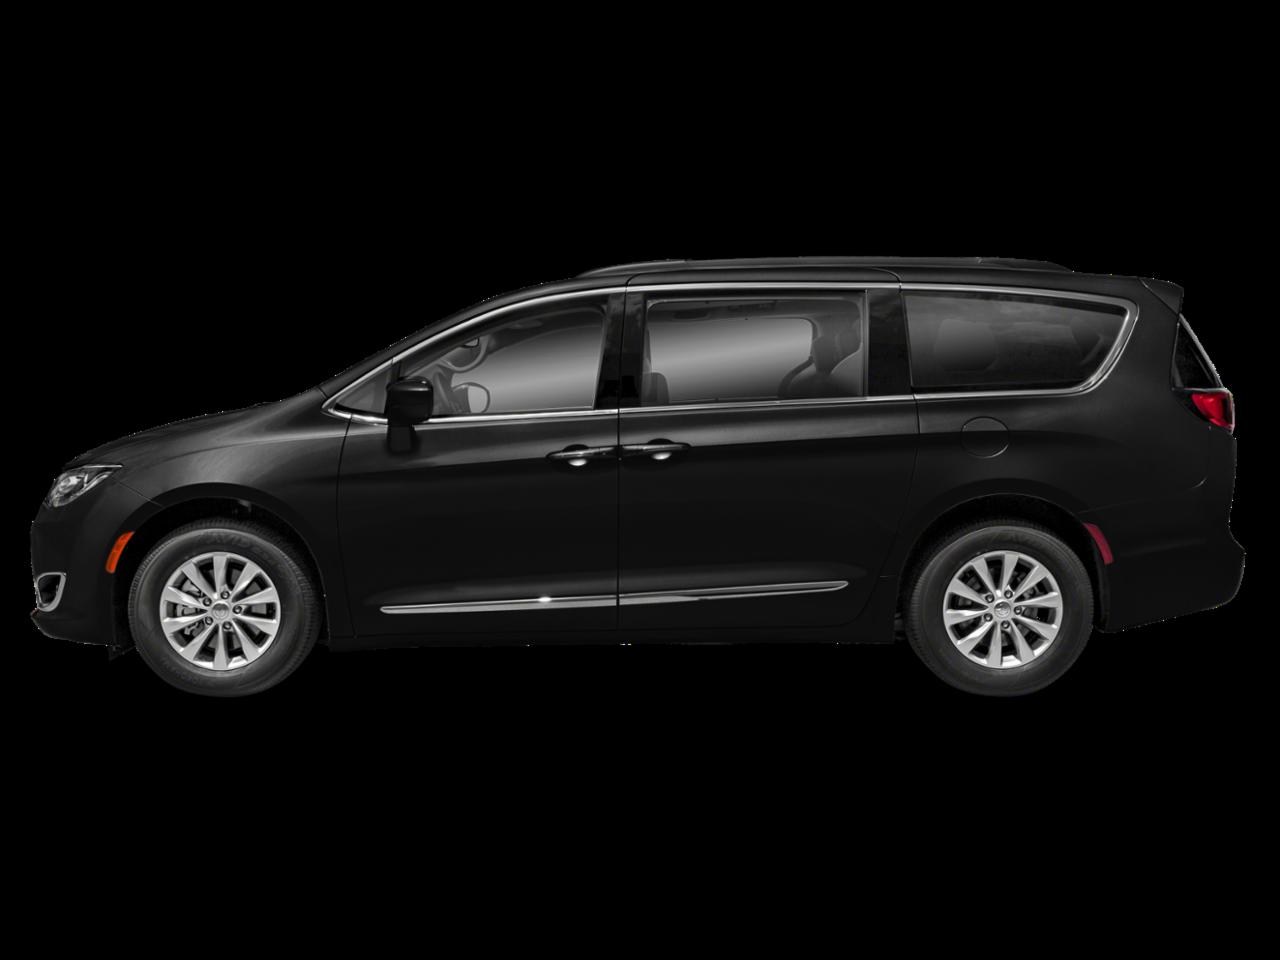 2019 Chrysler Pacifica Mini-van, Passenger